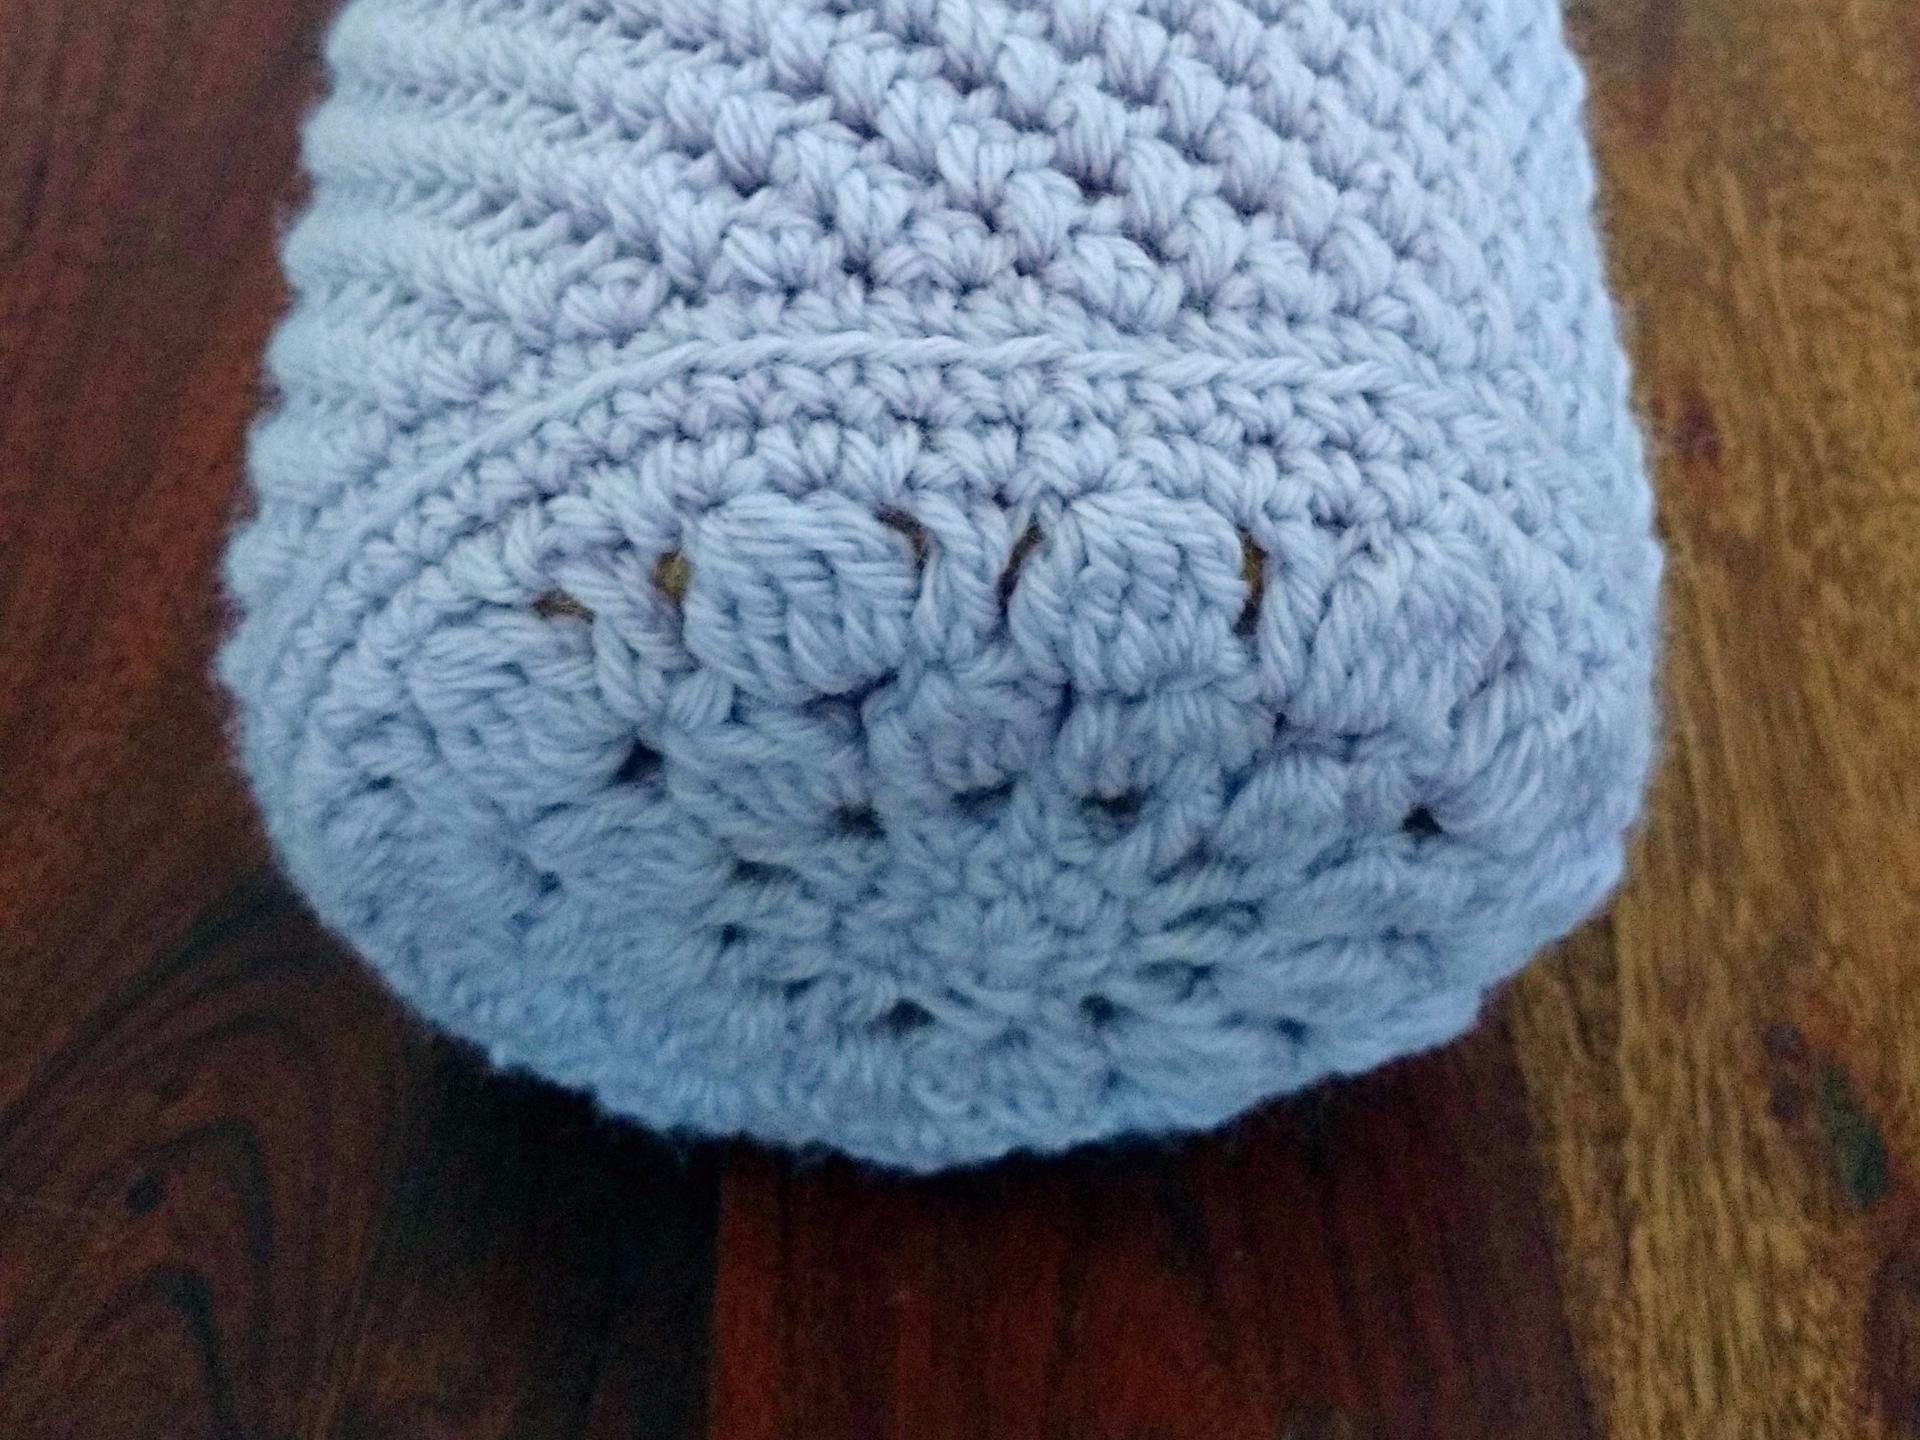 crochet cover for bolster cushion